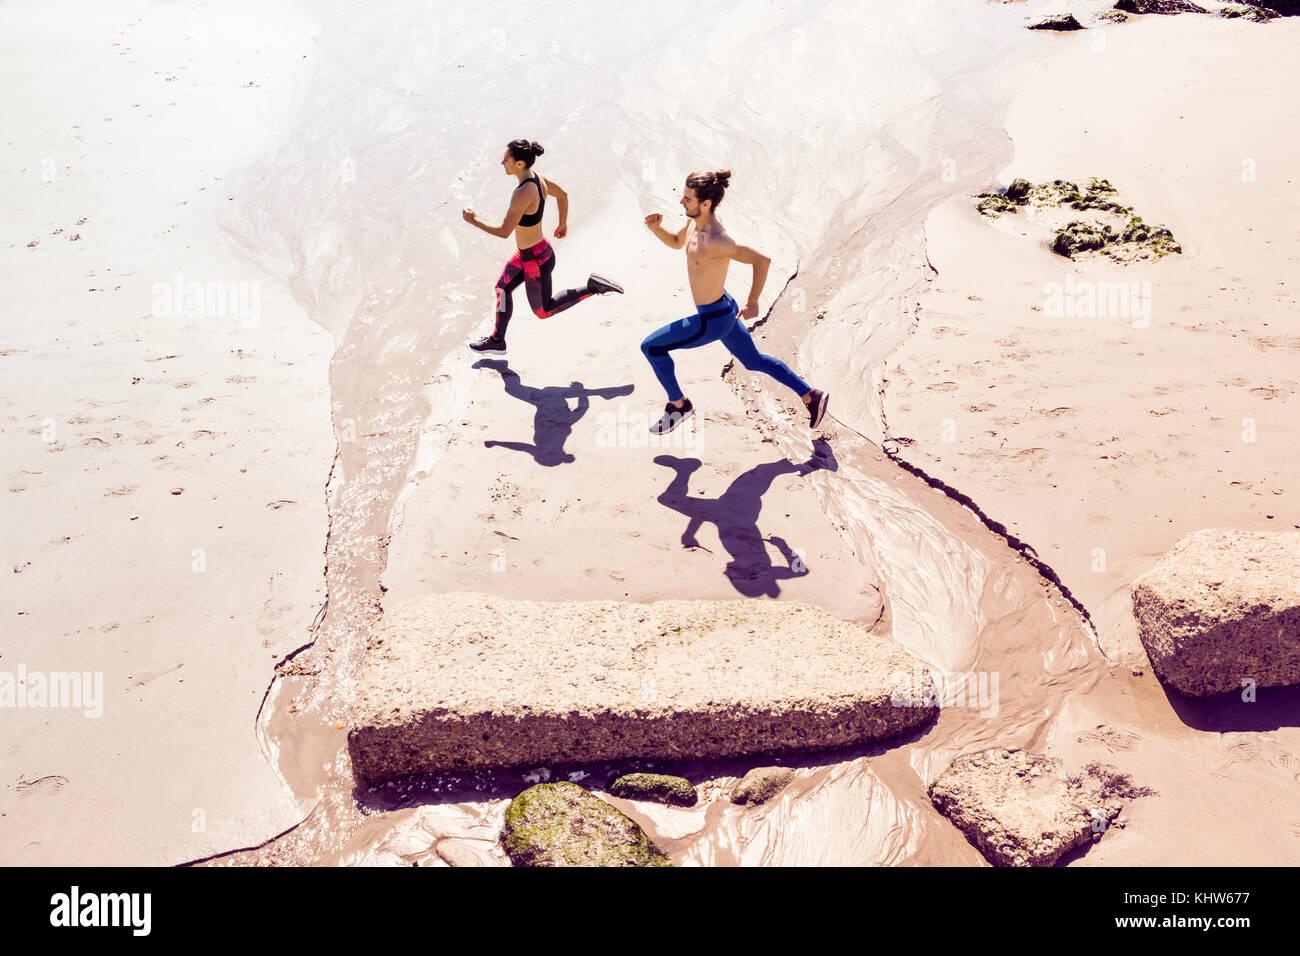 Giovane uomo e donna in corsa lungo la spiaggia, vista in elevazione Immagini Stock